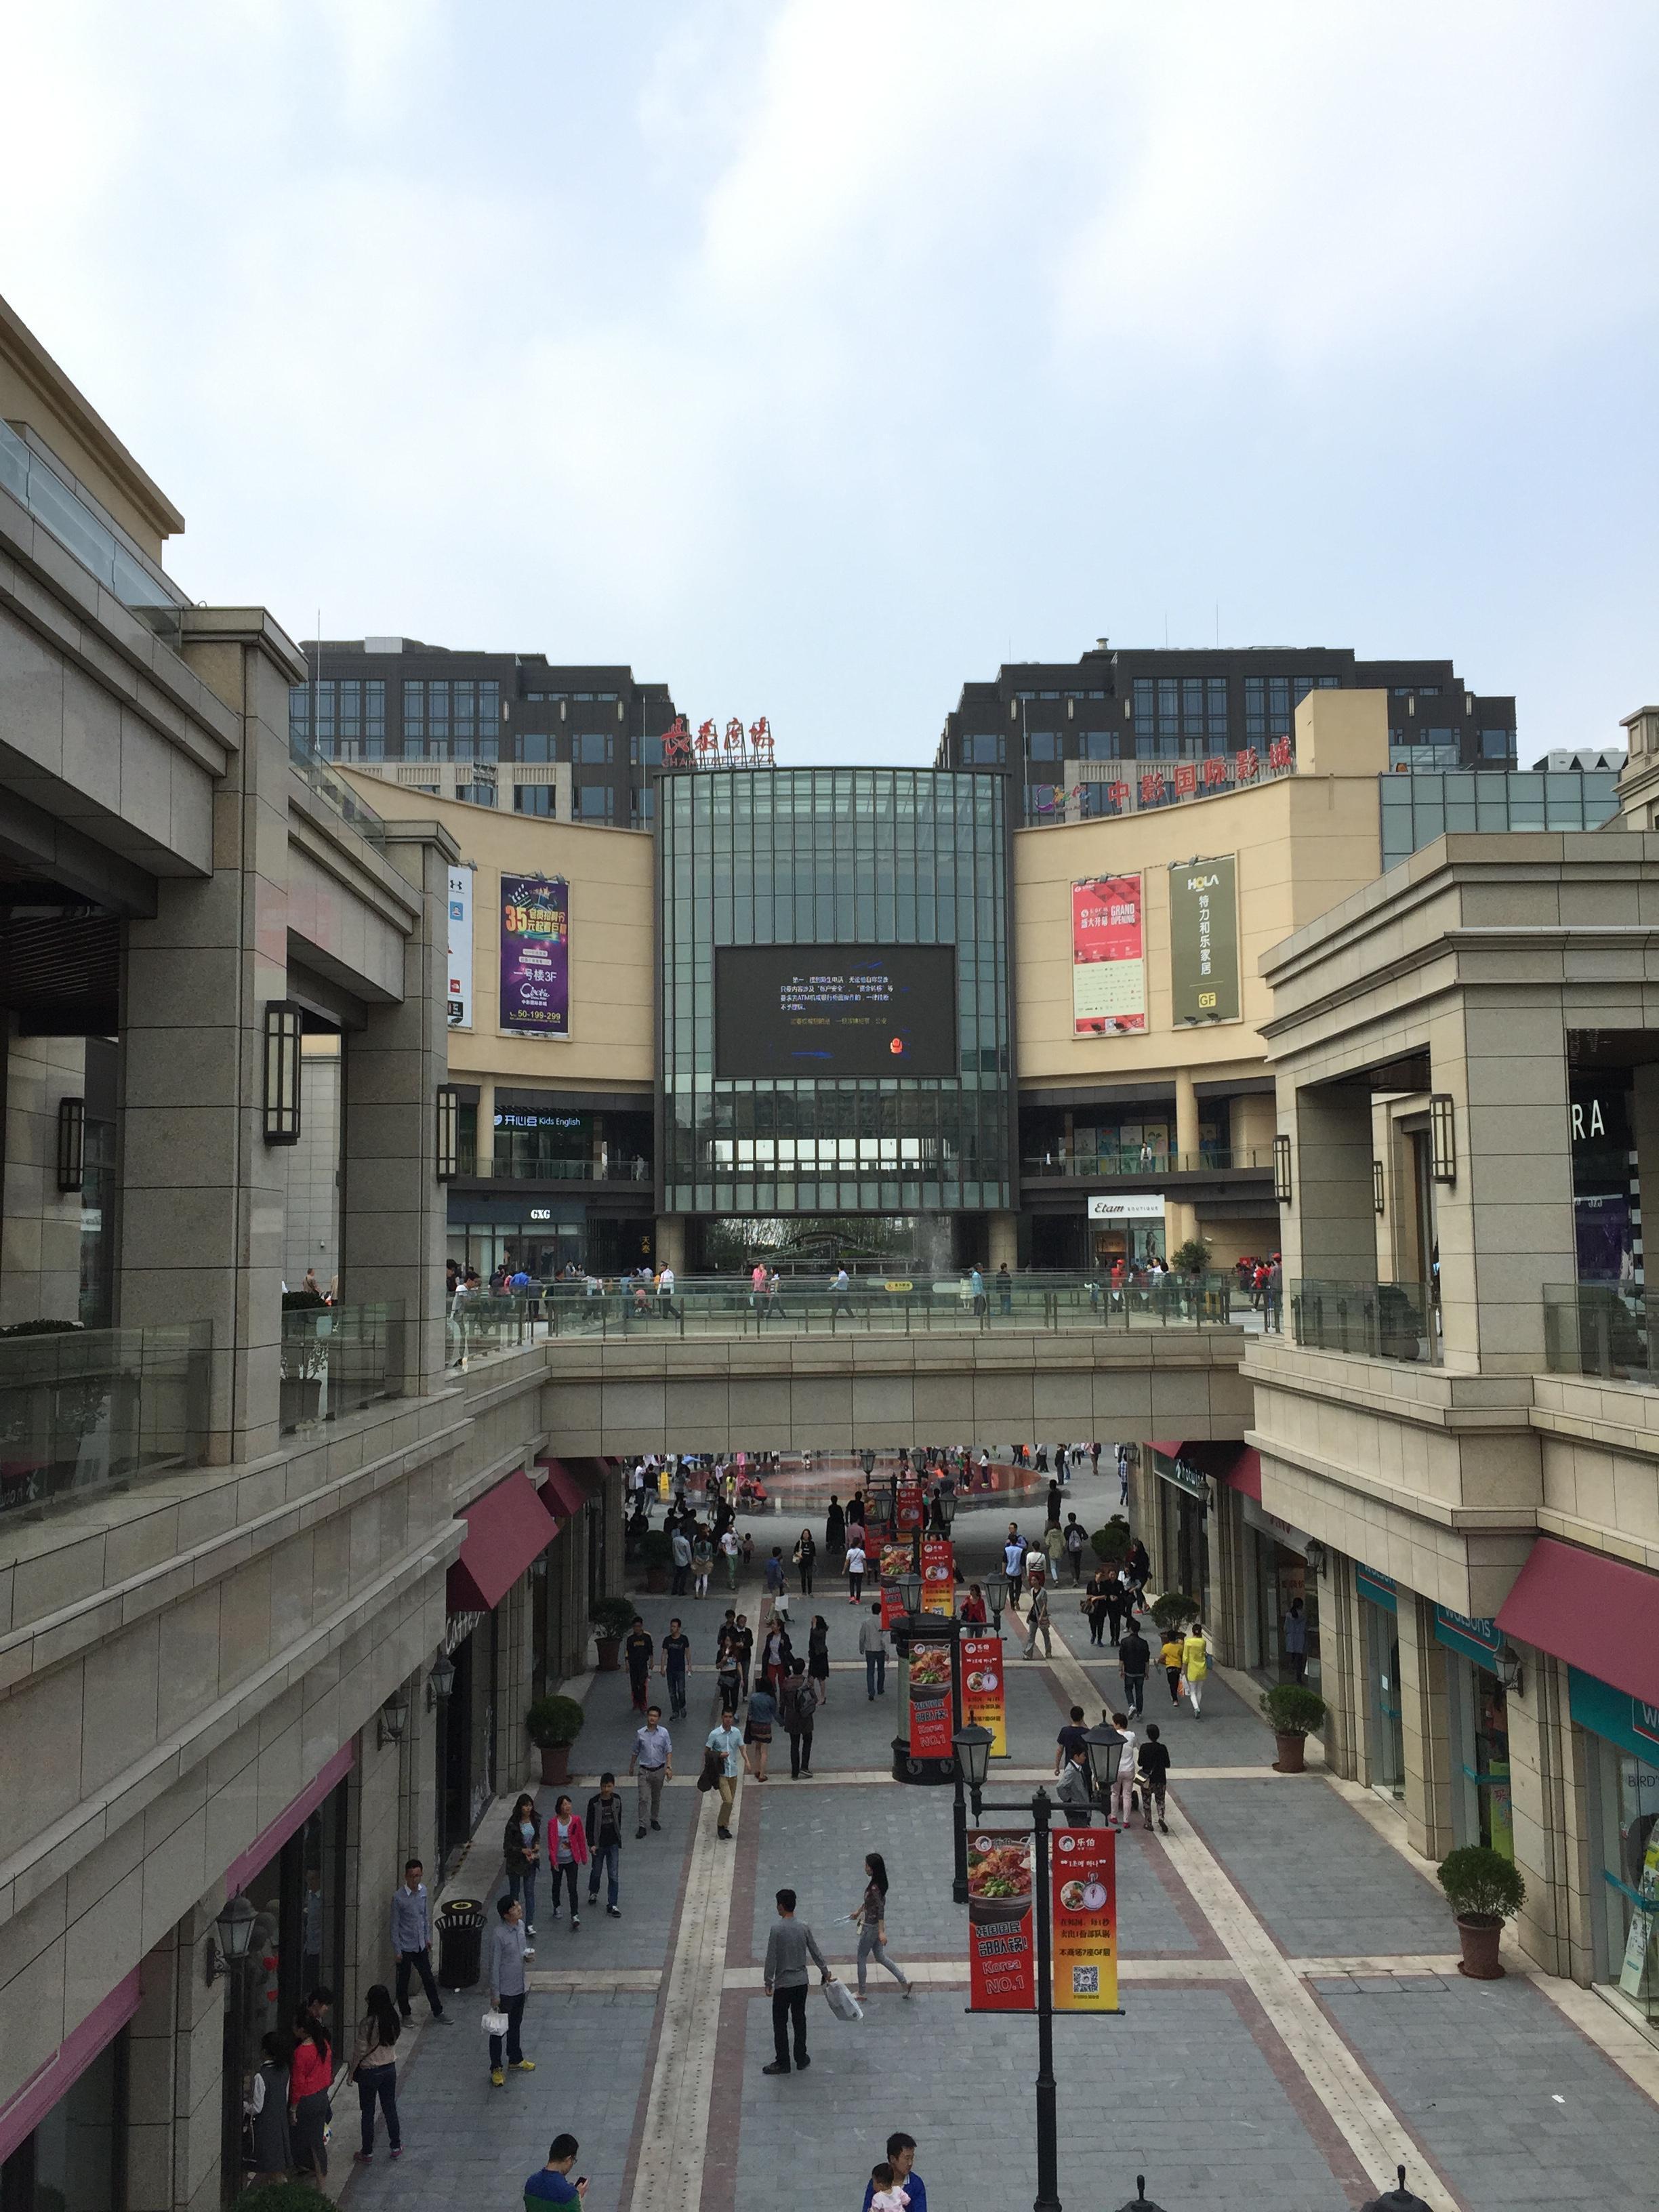 长泰广场的三层欧式建筑在蓝天白云下显得更加漂亮了